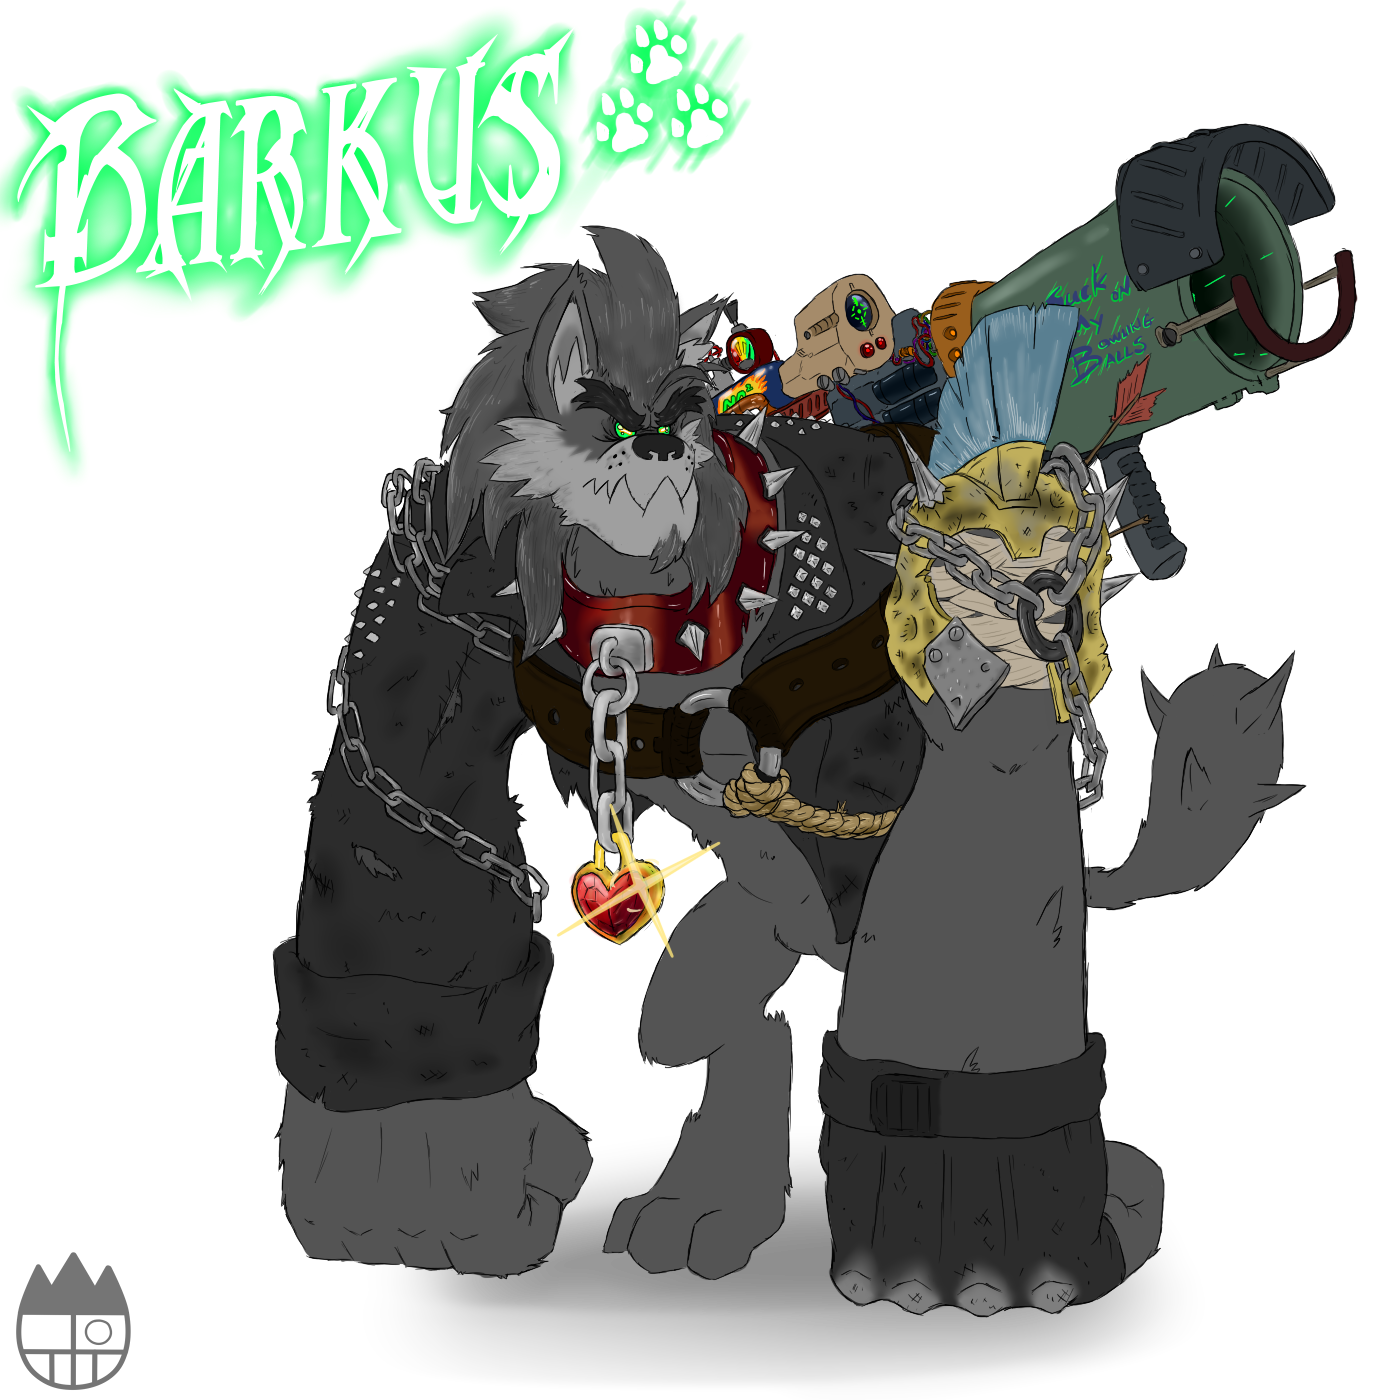 Barkus the Diamond Dog